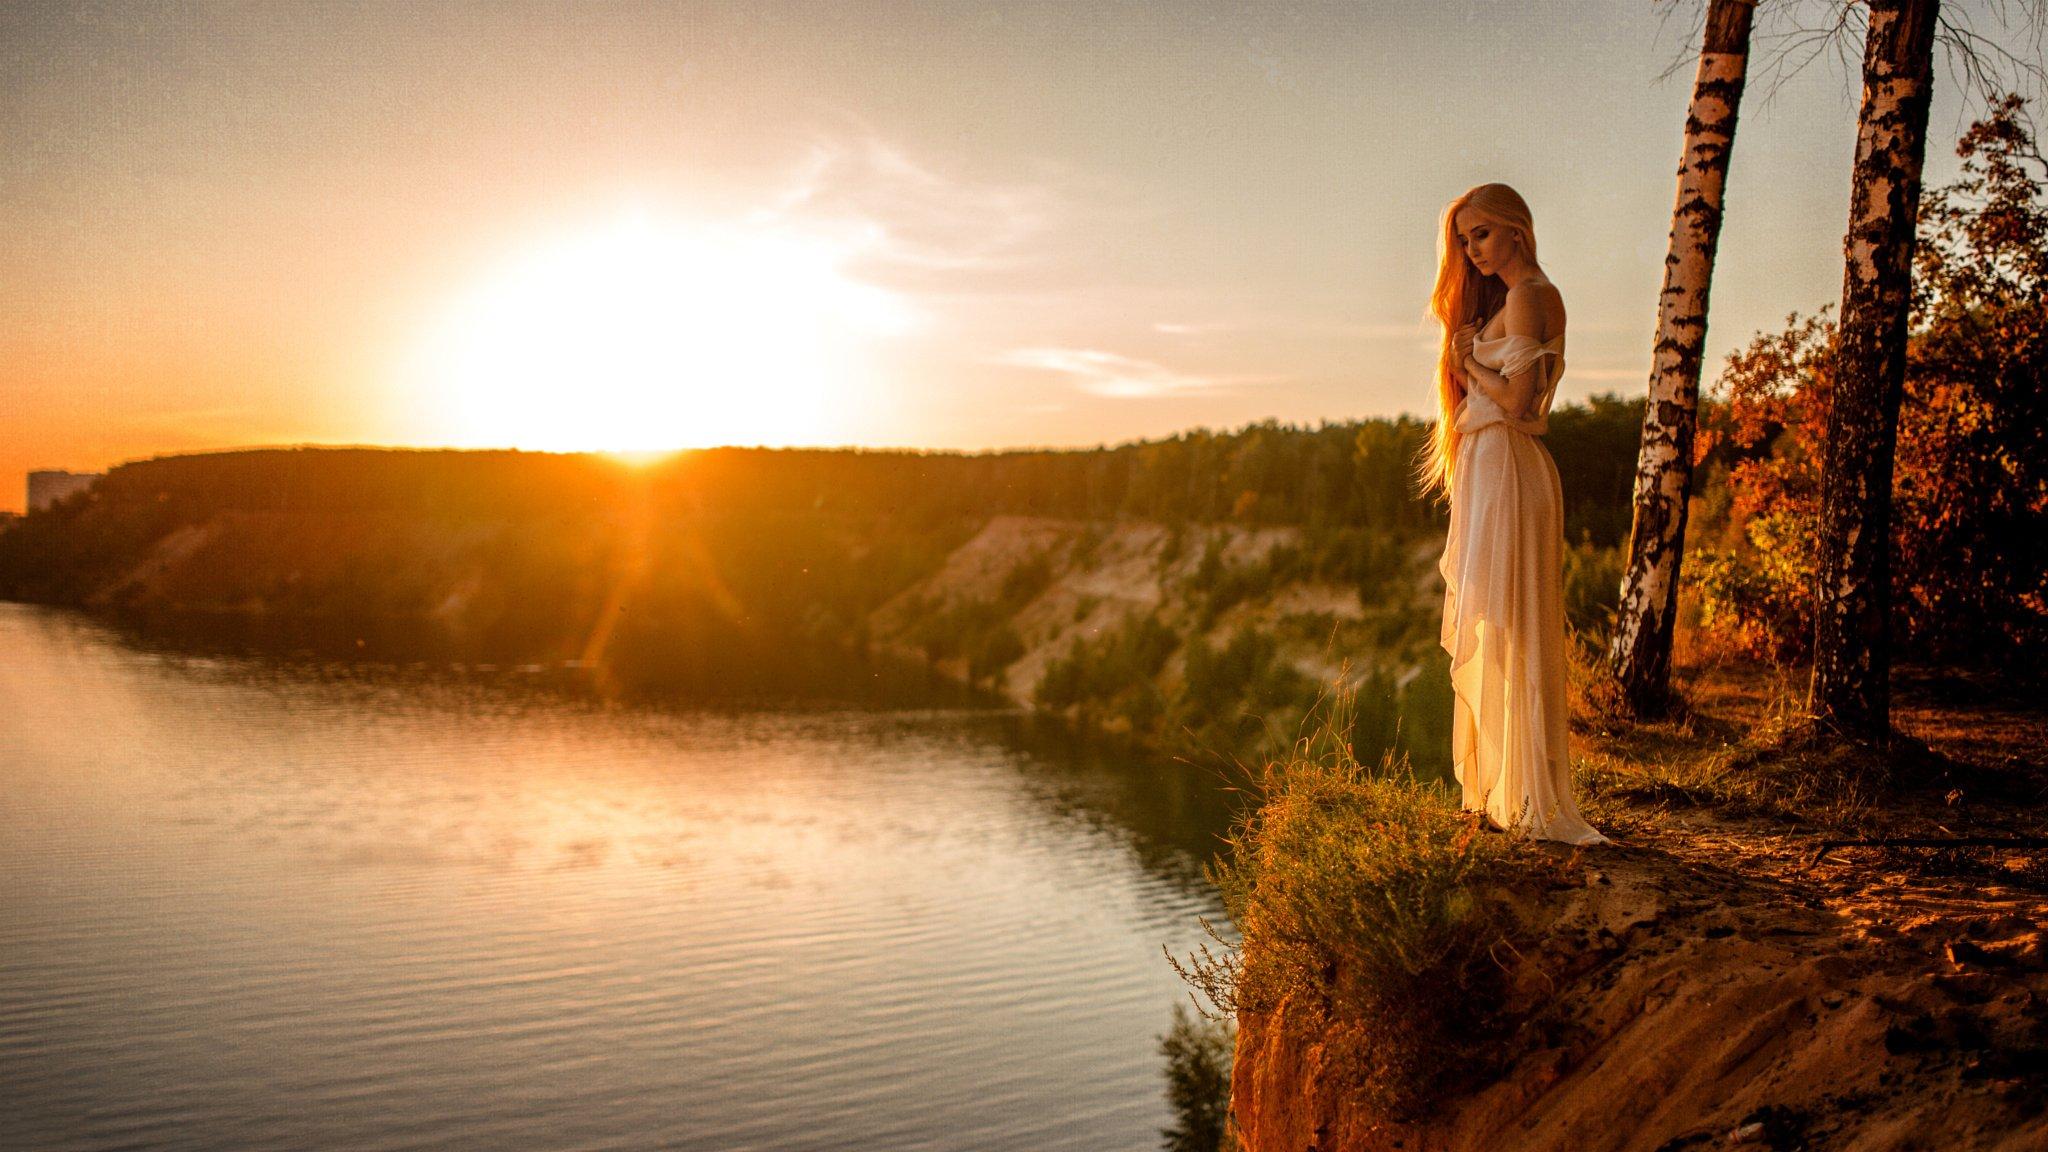 Красивые снимки голой девушки на закате солнца у реки  72640